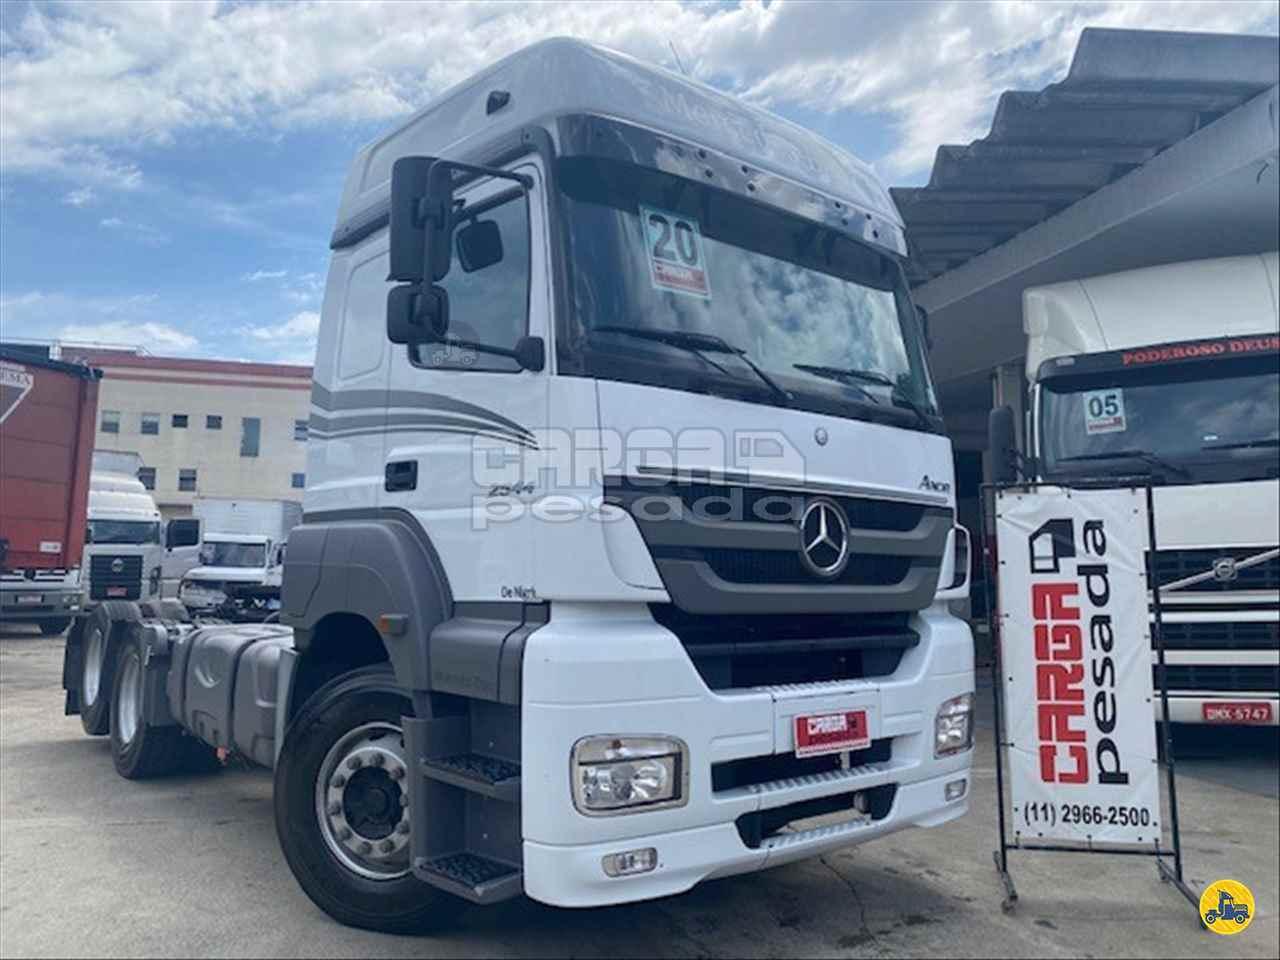 CAMINHAO MERCEDES-BENZ MB 2544 Cavalo Mecânico Truck 6x2 Carga Pesada Caminhões SAO PAULO SÃO PAULO SP